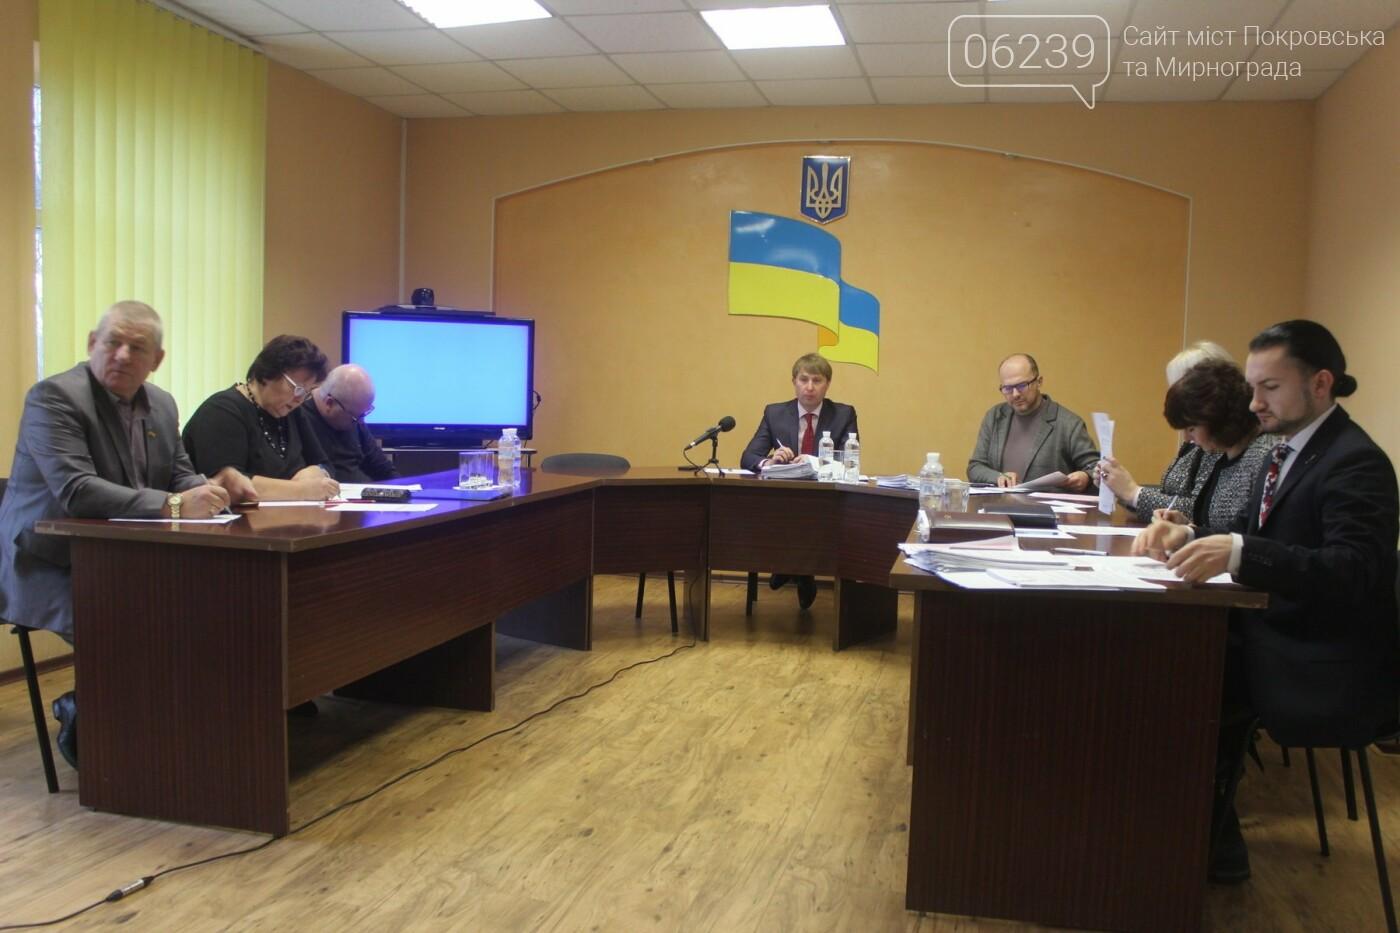 В Мирнограде хотят привлечь грантодателей для реконструкции ДК «Украина» и стадиона «Шахтер», фото-1